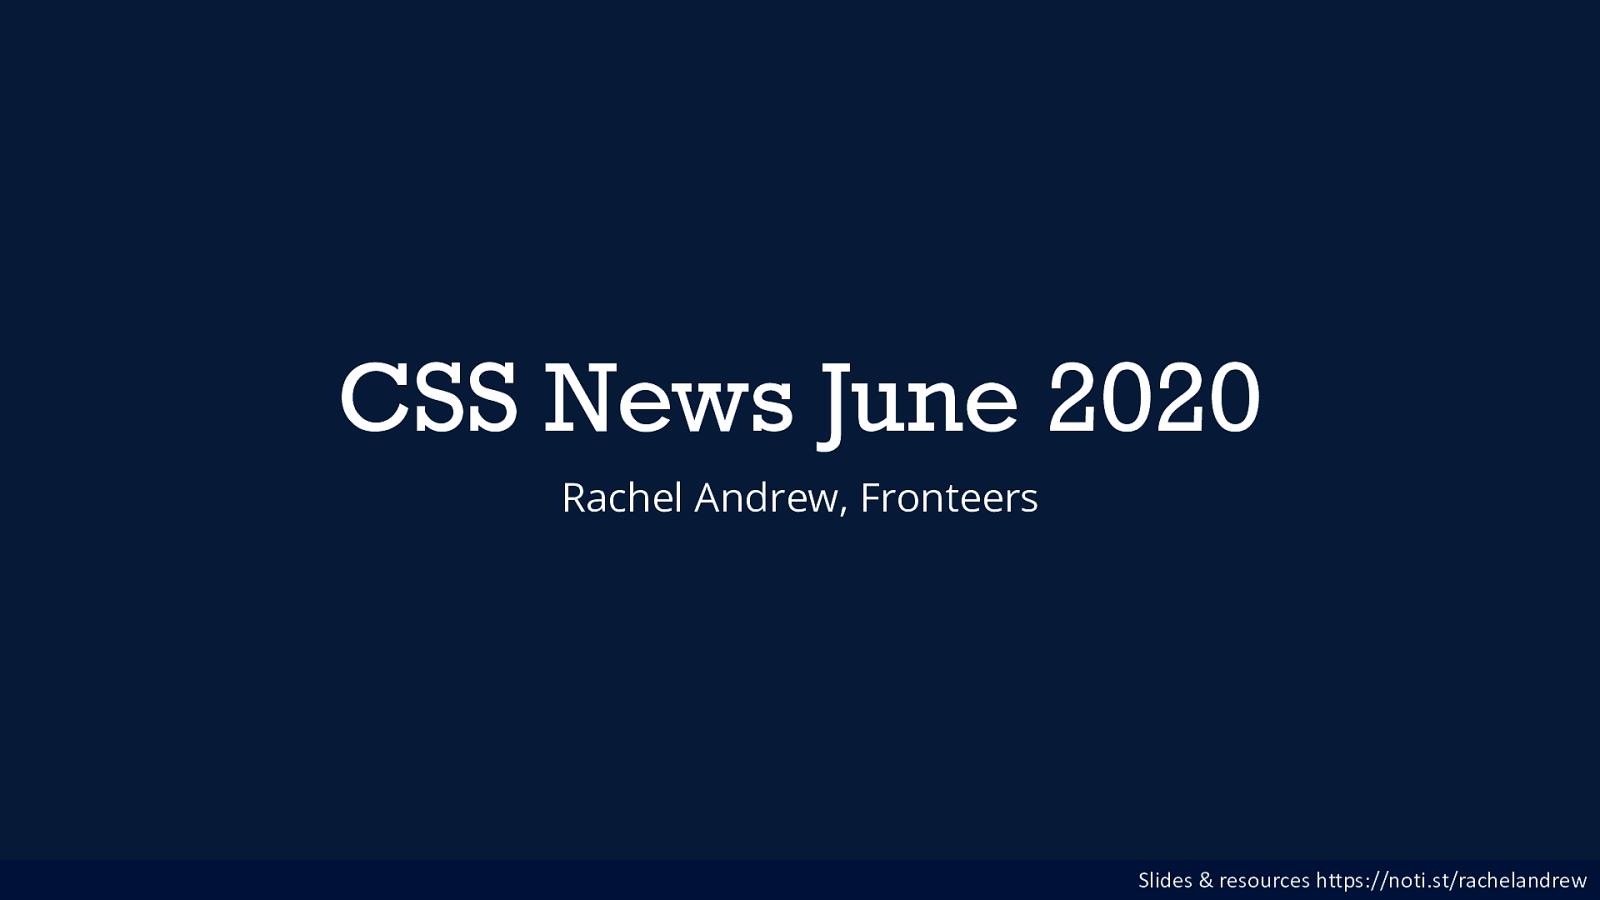 CSS News June 2020